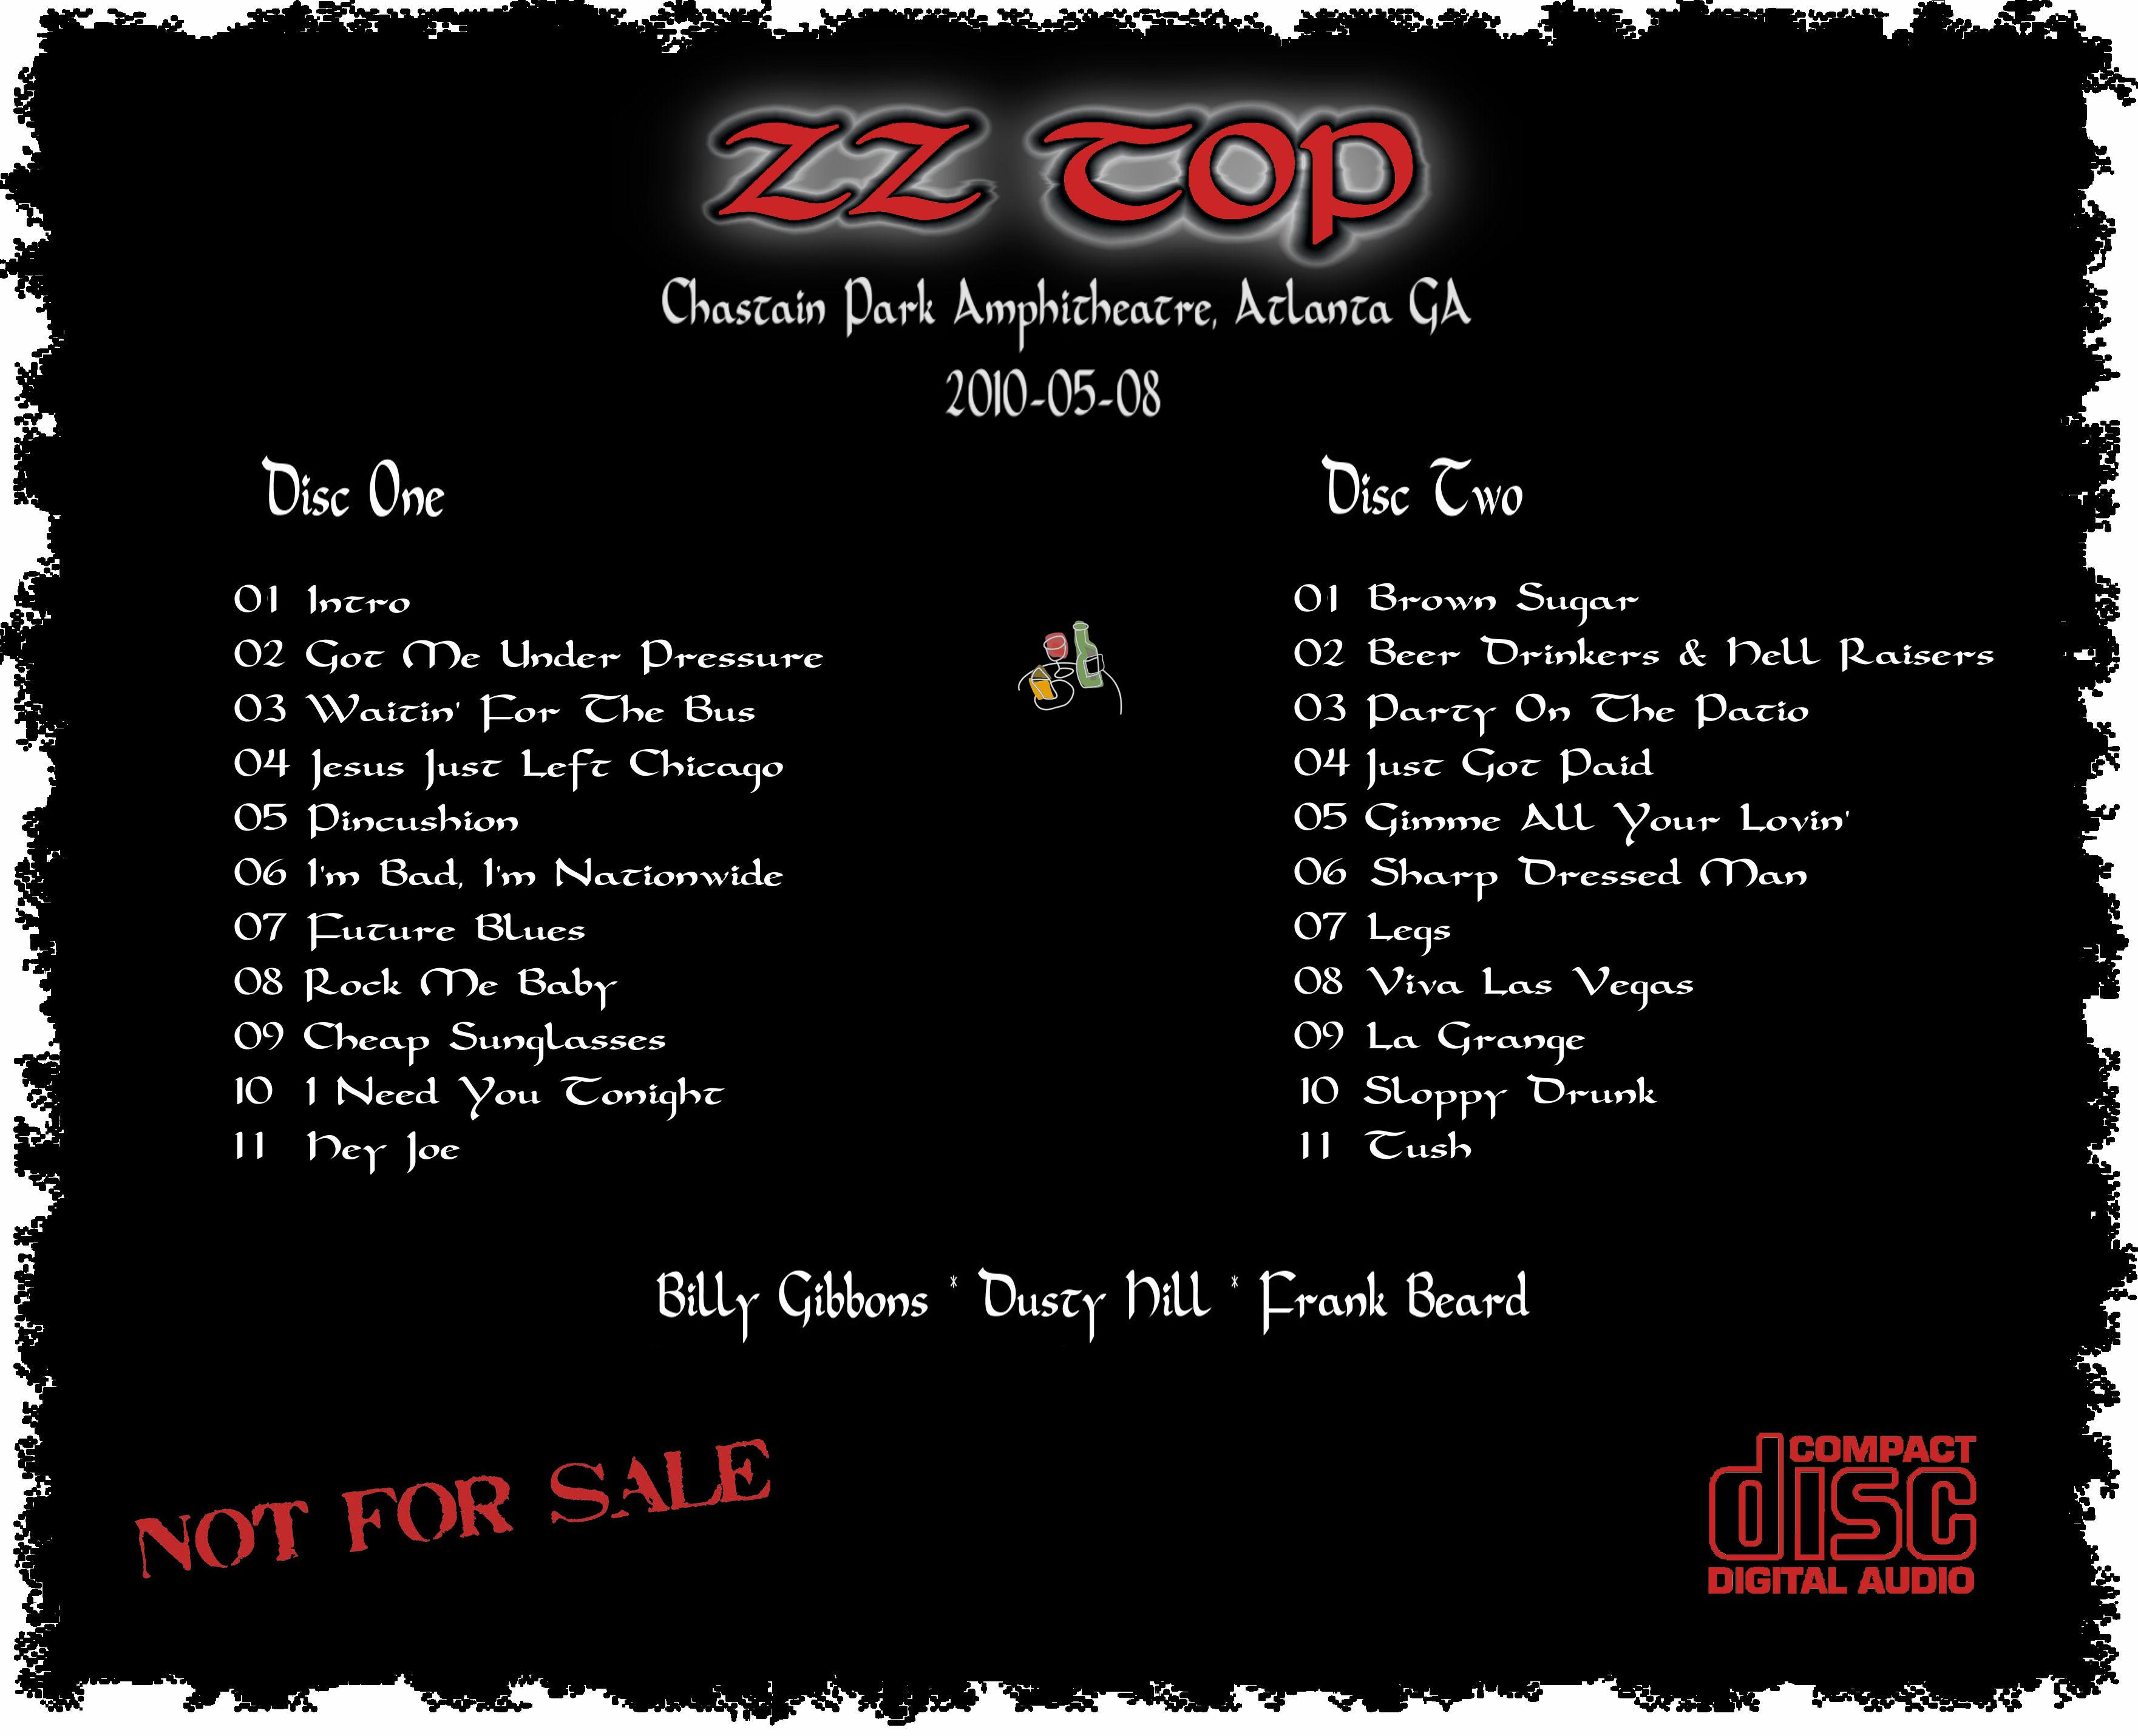 ZZTop2010-05-08ChastainParkAmphitheatreAtlantaGA.jpg